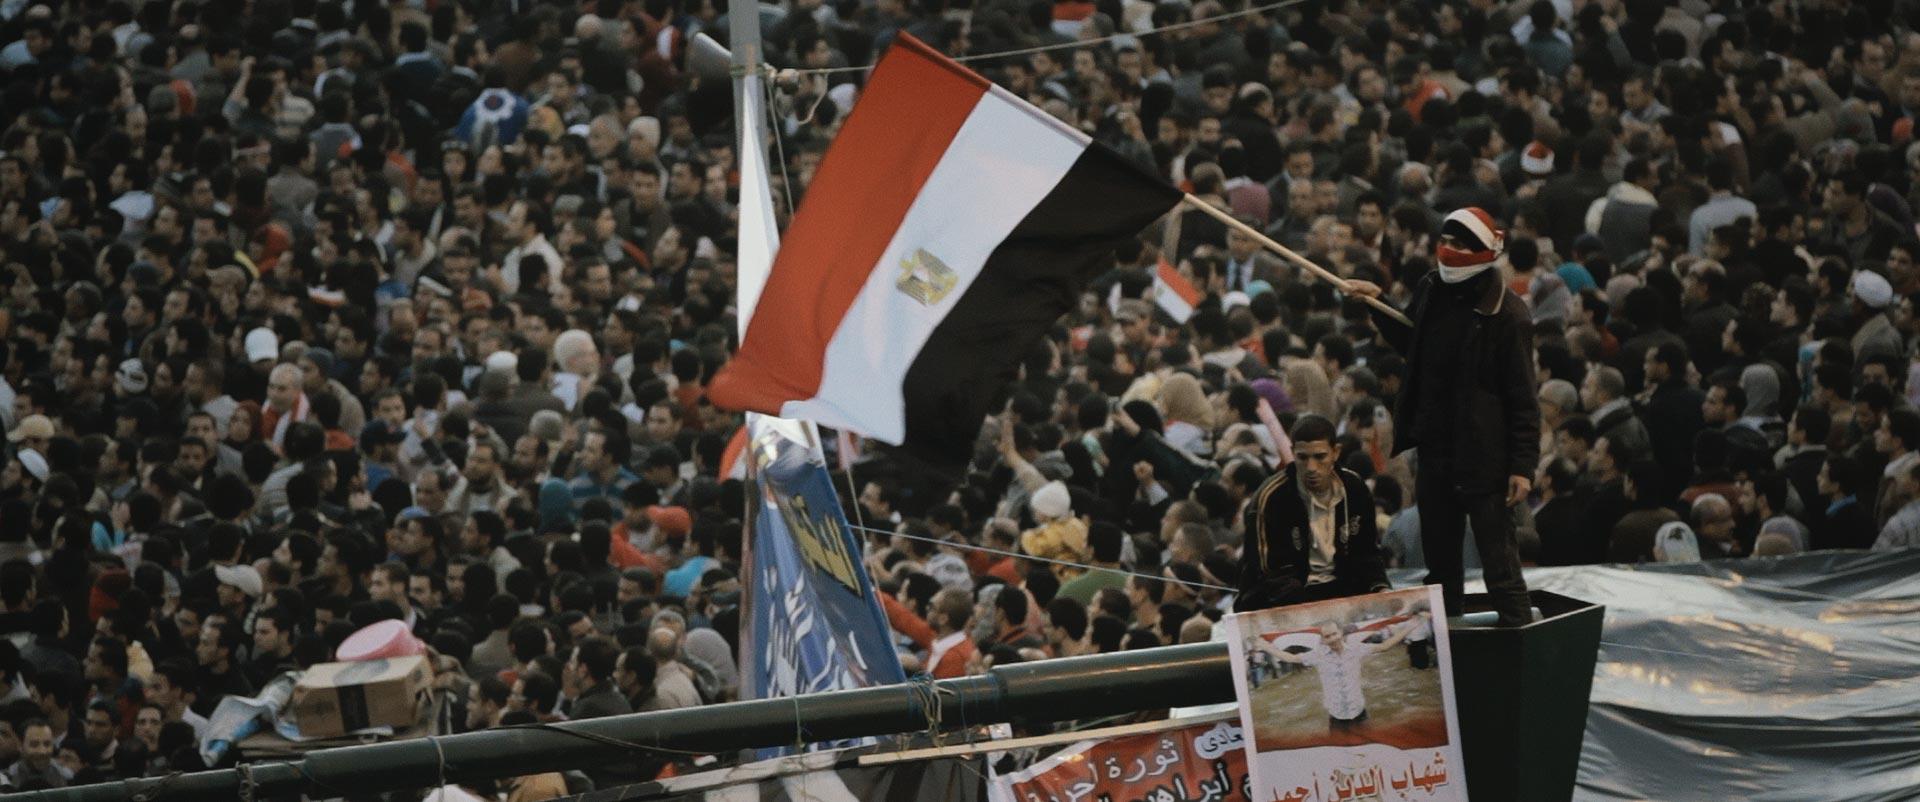 EVRE-STILL-EGYPT-3